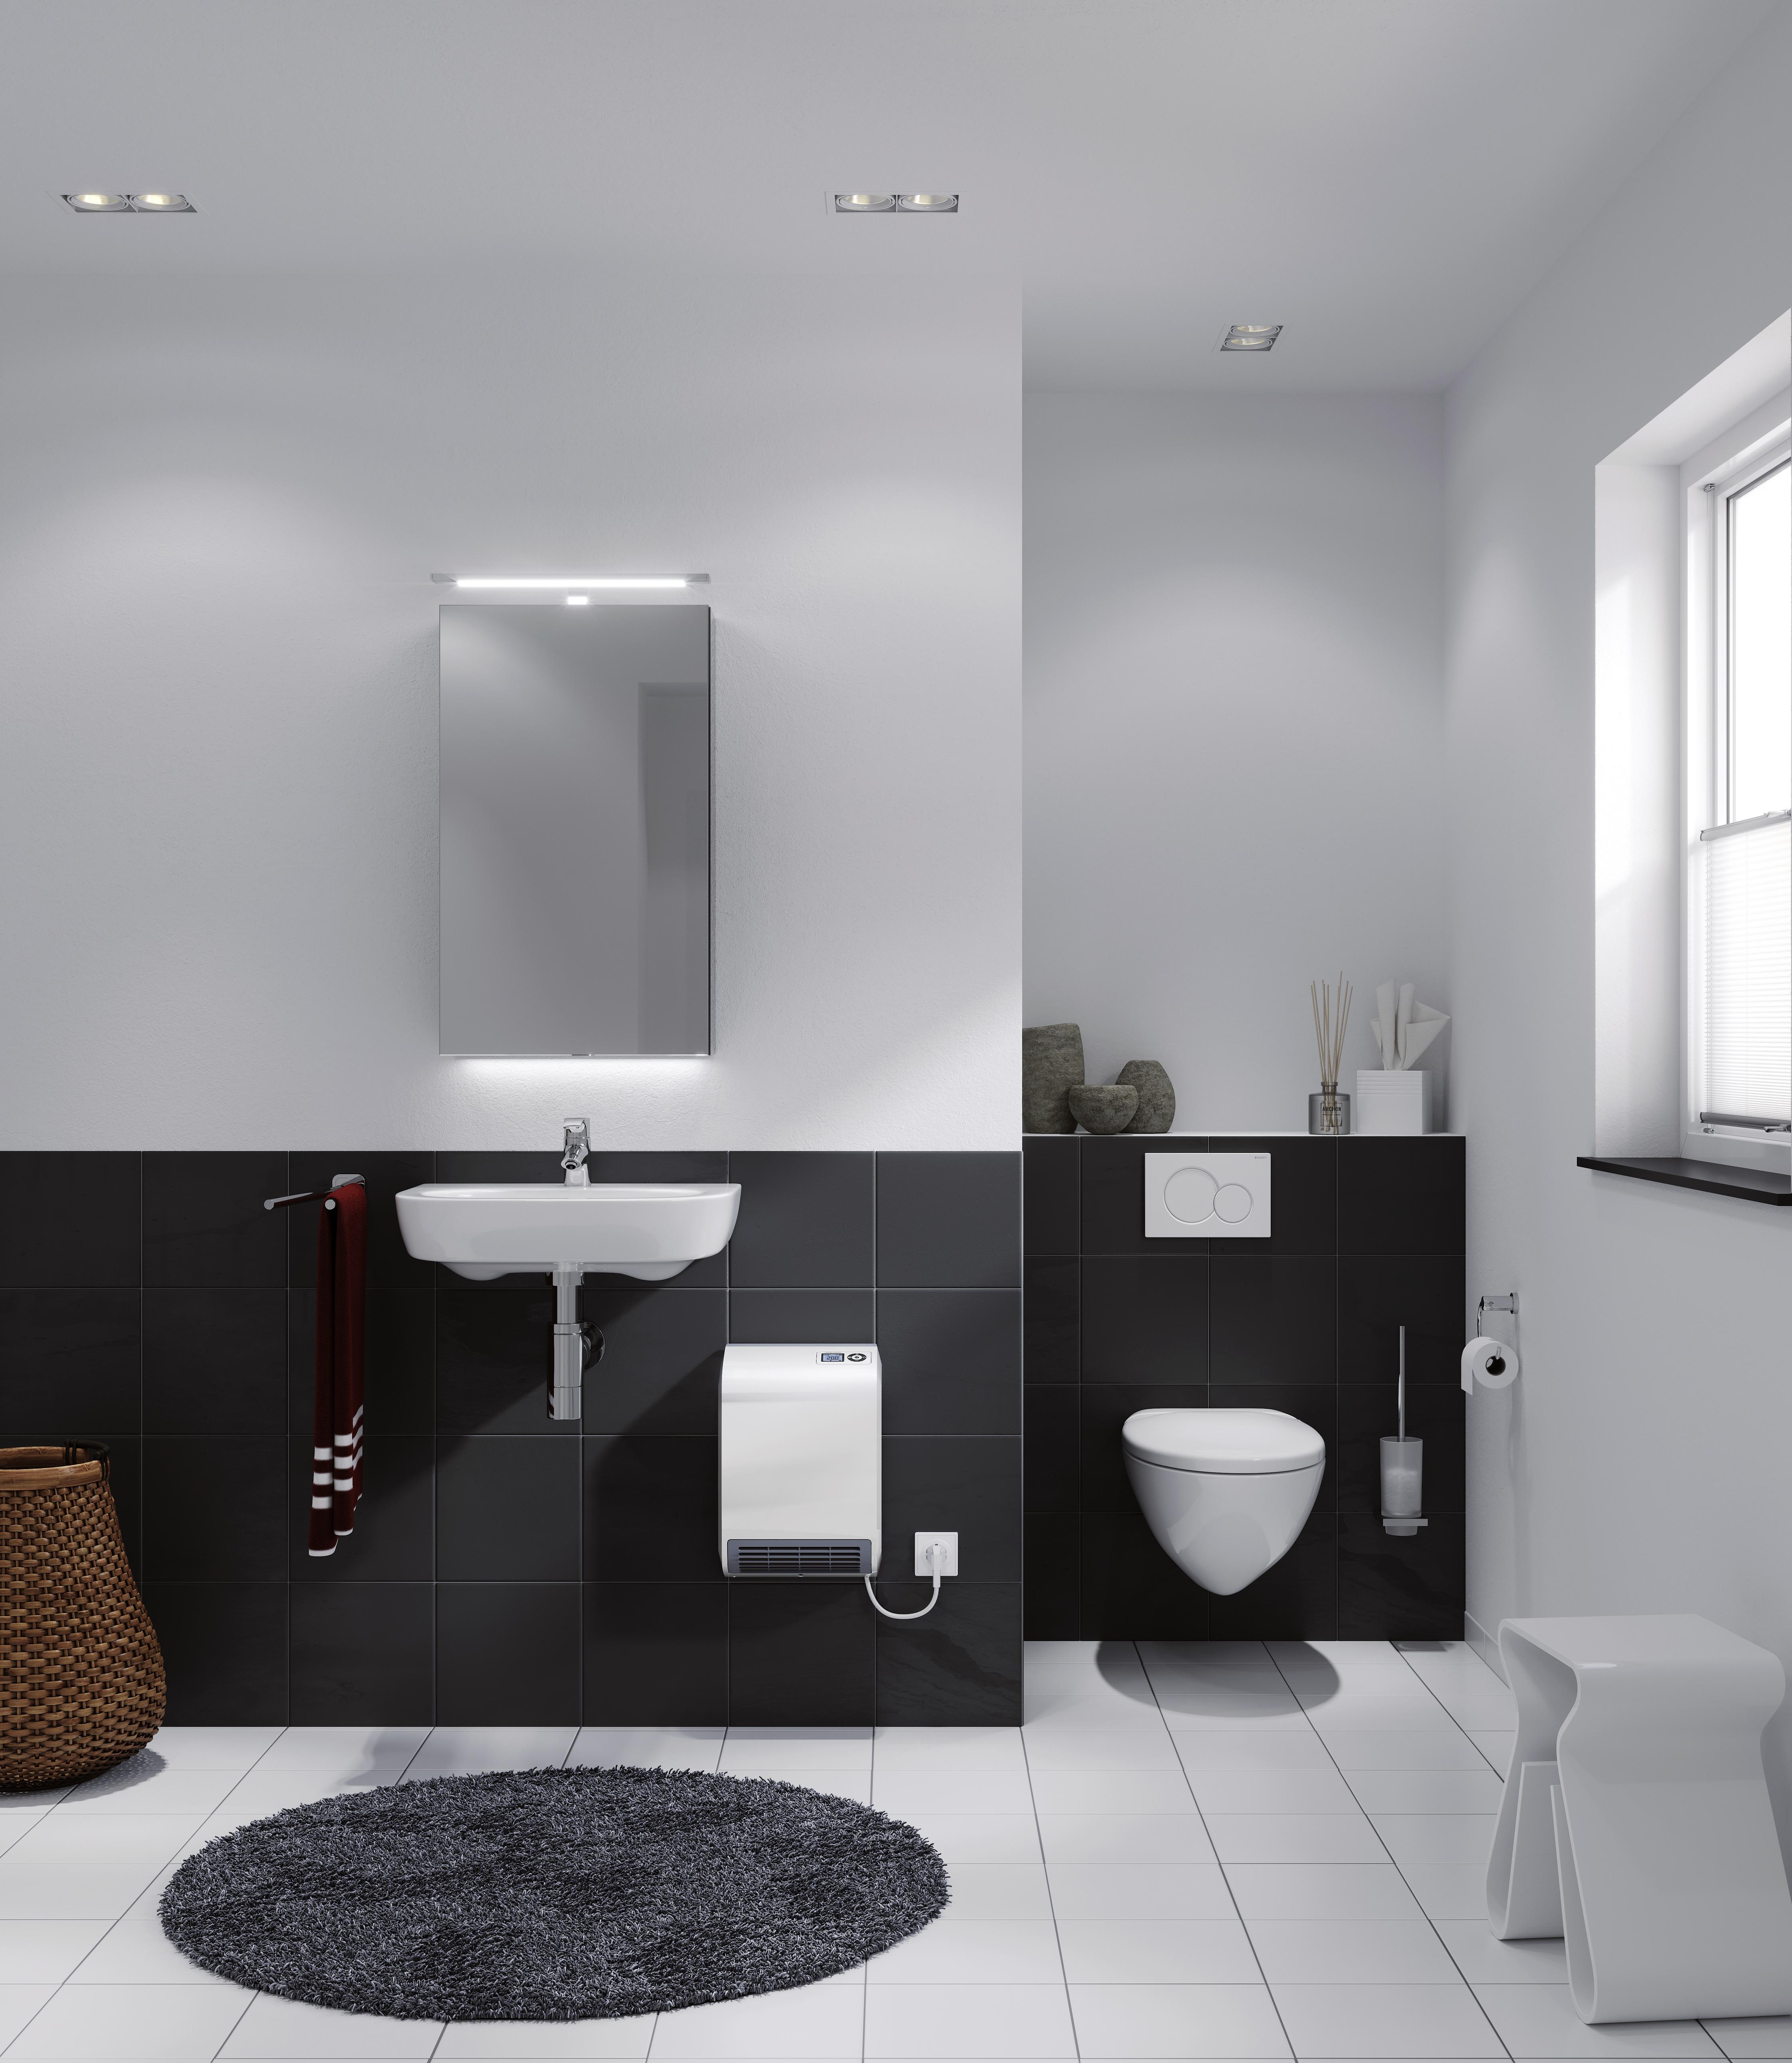 Best Badkamer Verwarming Elektrisch Gamma Images - Interior Design ...